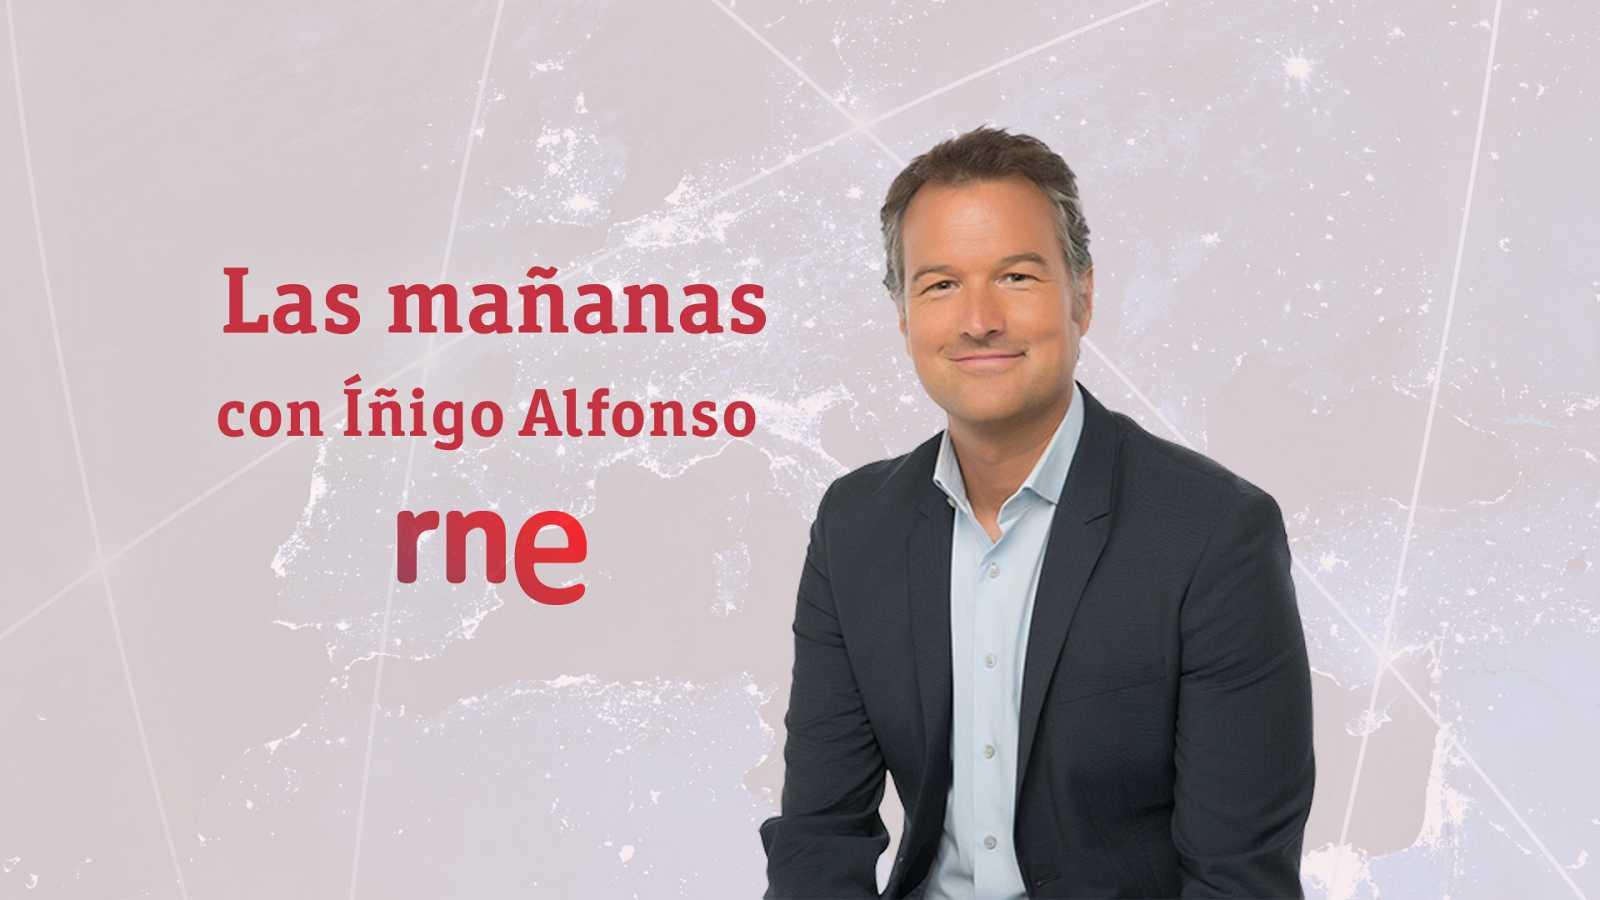 Las mañanas de RNE con Íñigo Alfonso - Primera hora - 30/03/20 - Escuchar ahora